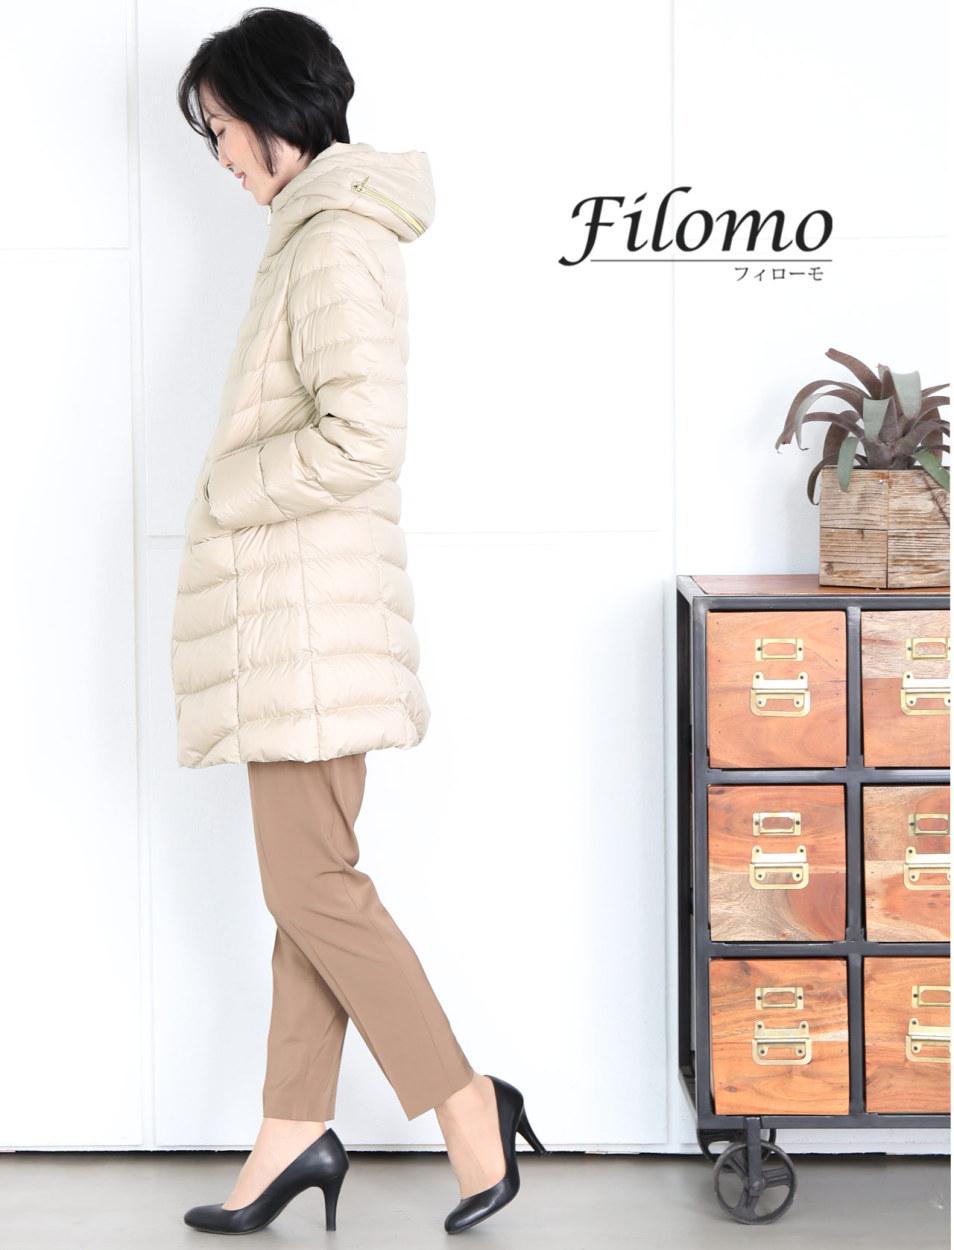 Filomo ブランド ミドル丈 ダウンコート レディース フード付き 綺麗 婦人 女性 アウター 暖かい